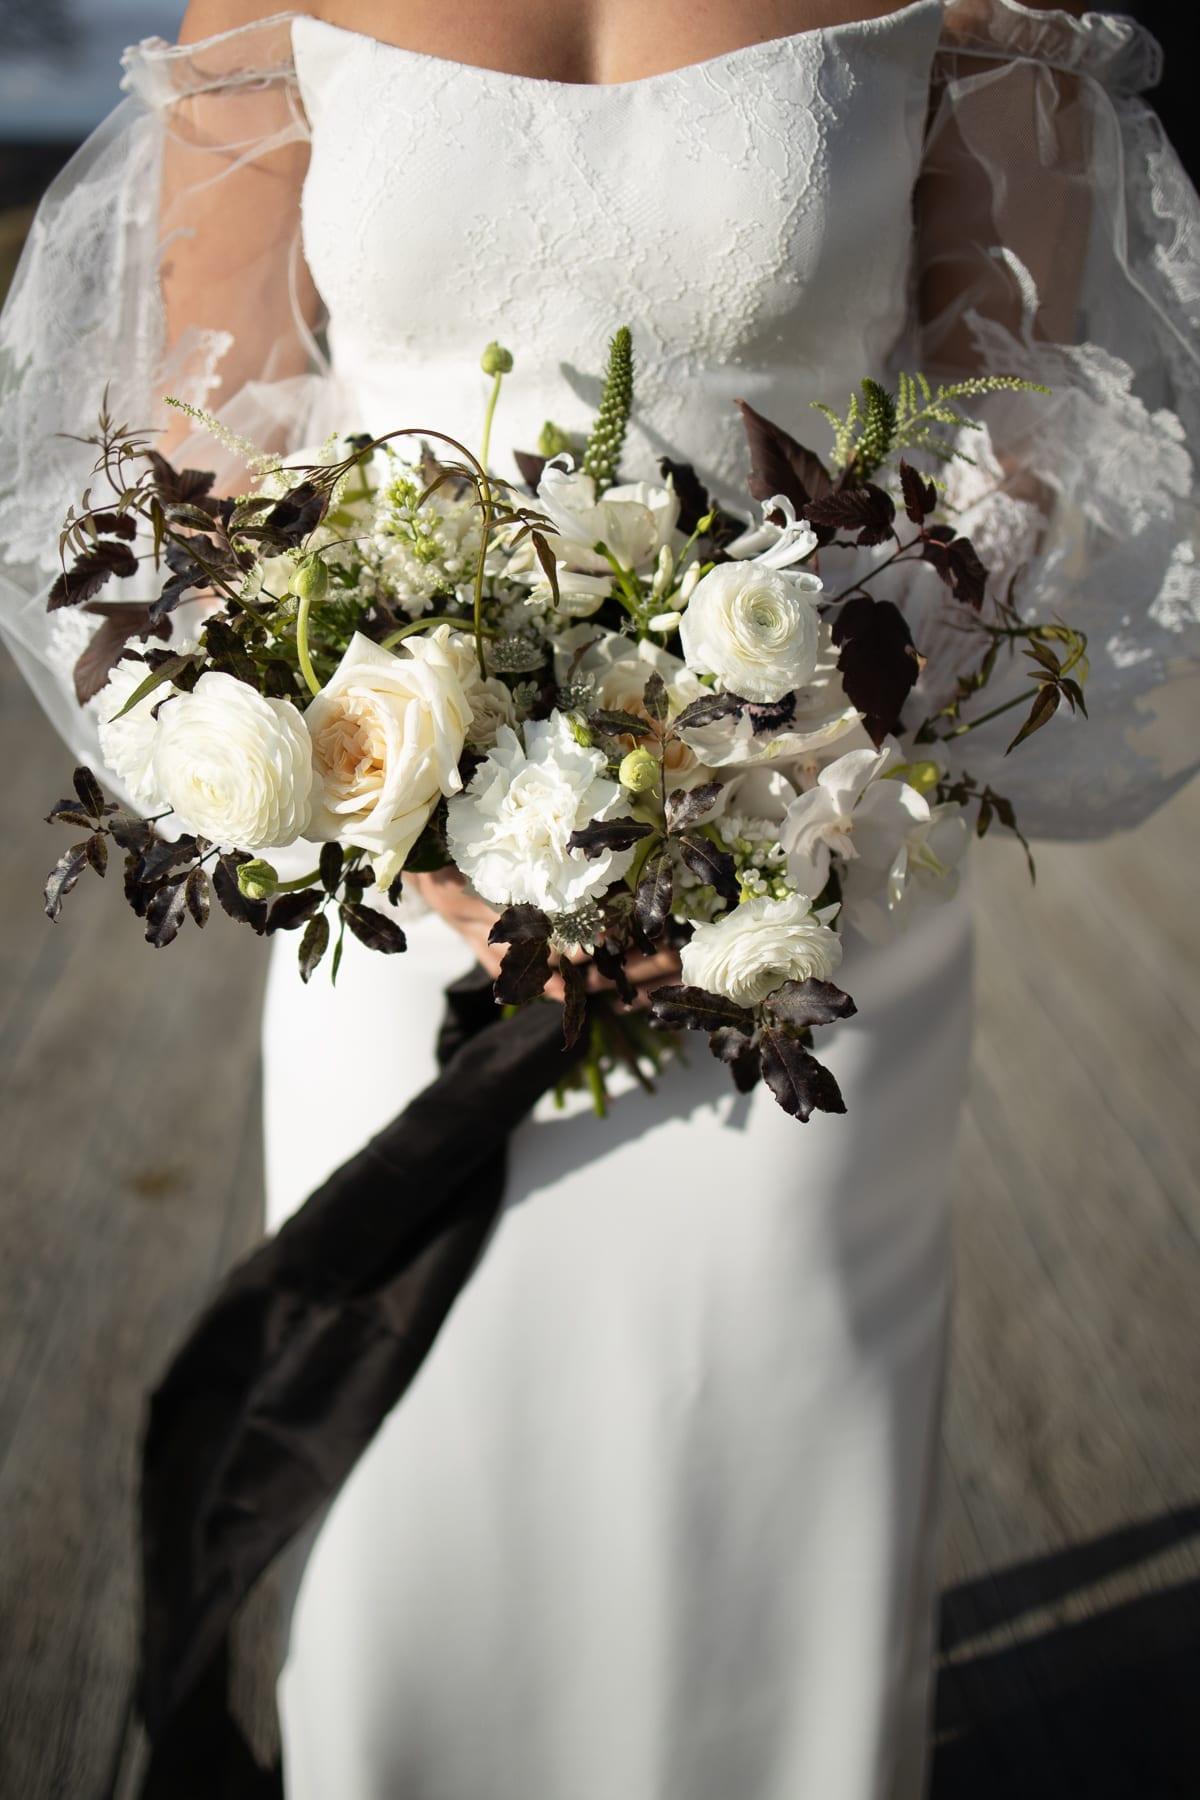 Floral bridal bouquet